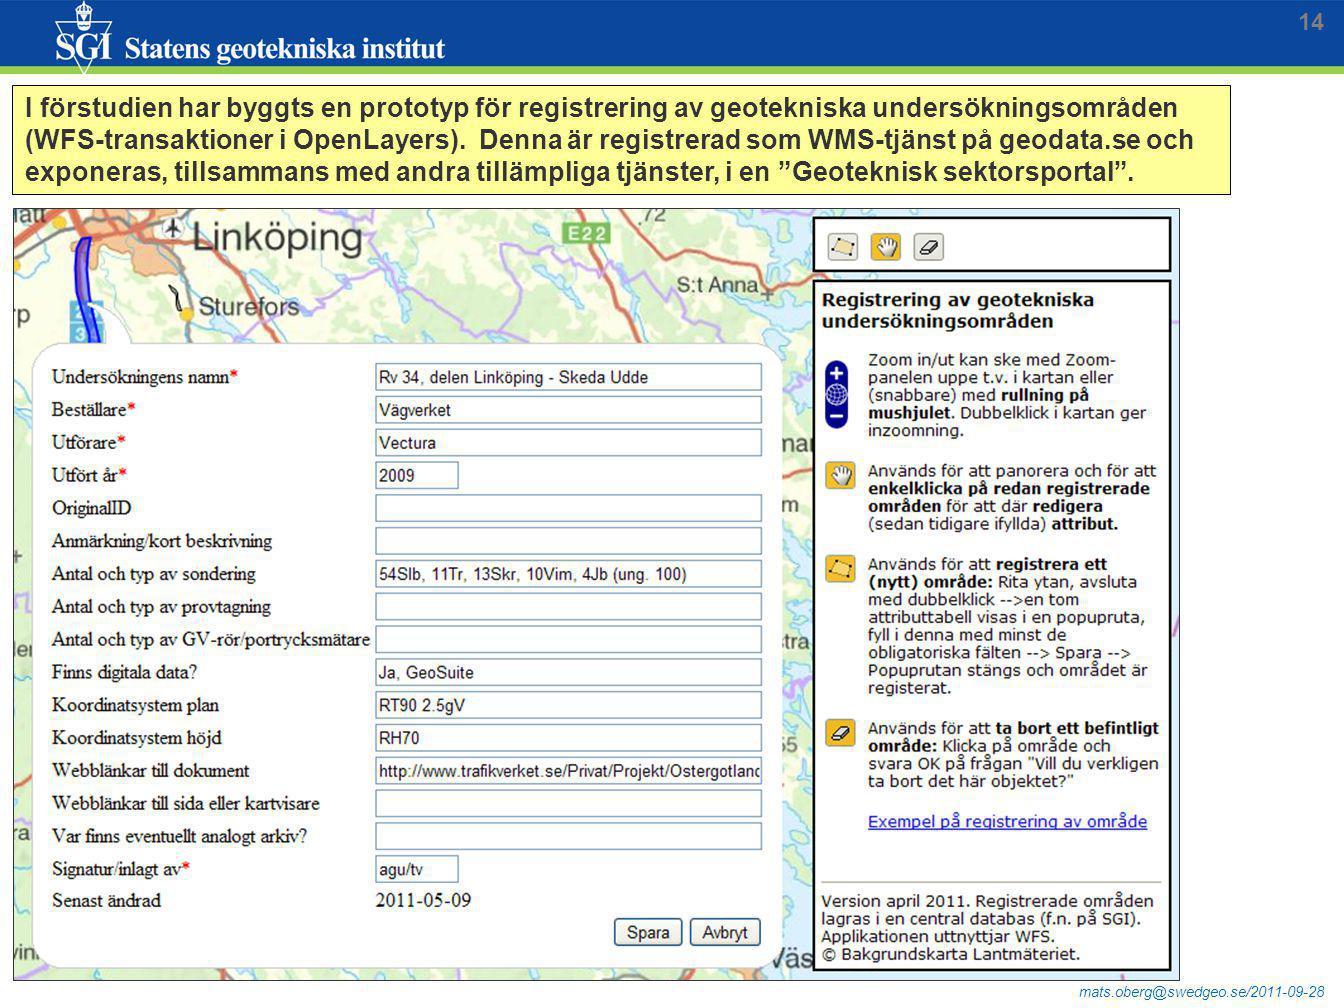 mats.oberg@swedgeo.se/2011-09-28 I förstudien har byggts en prototyp för registrering av geotekniska undersökningsområden (WFS-transaktioner i OpenLay